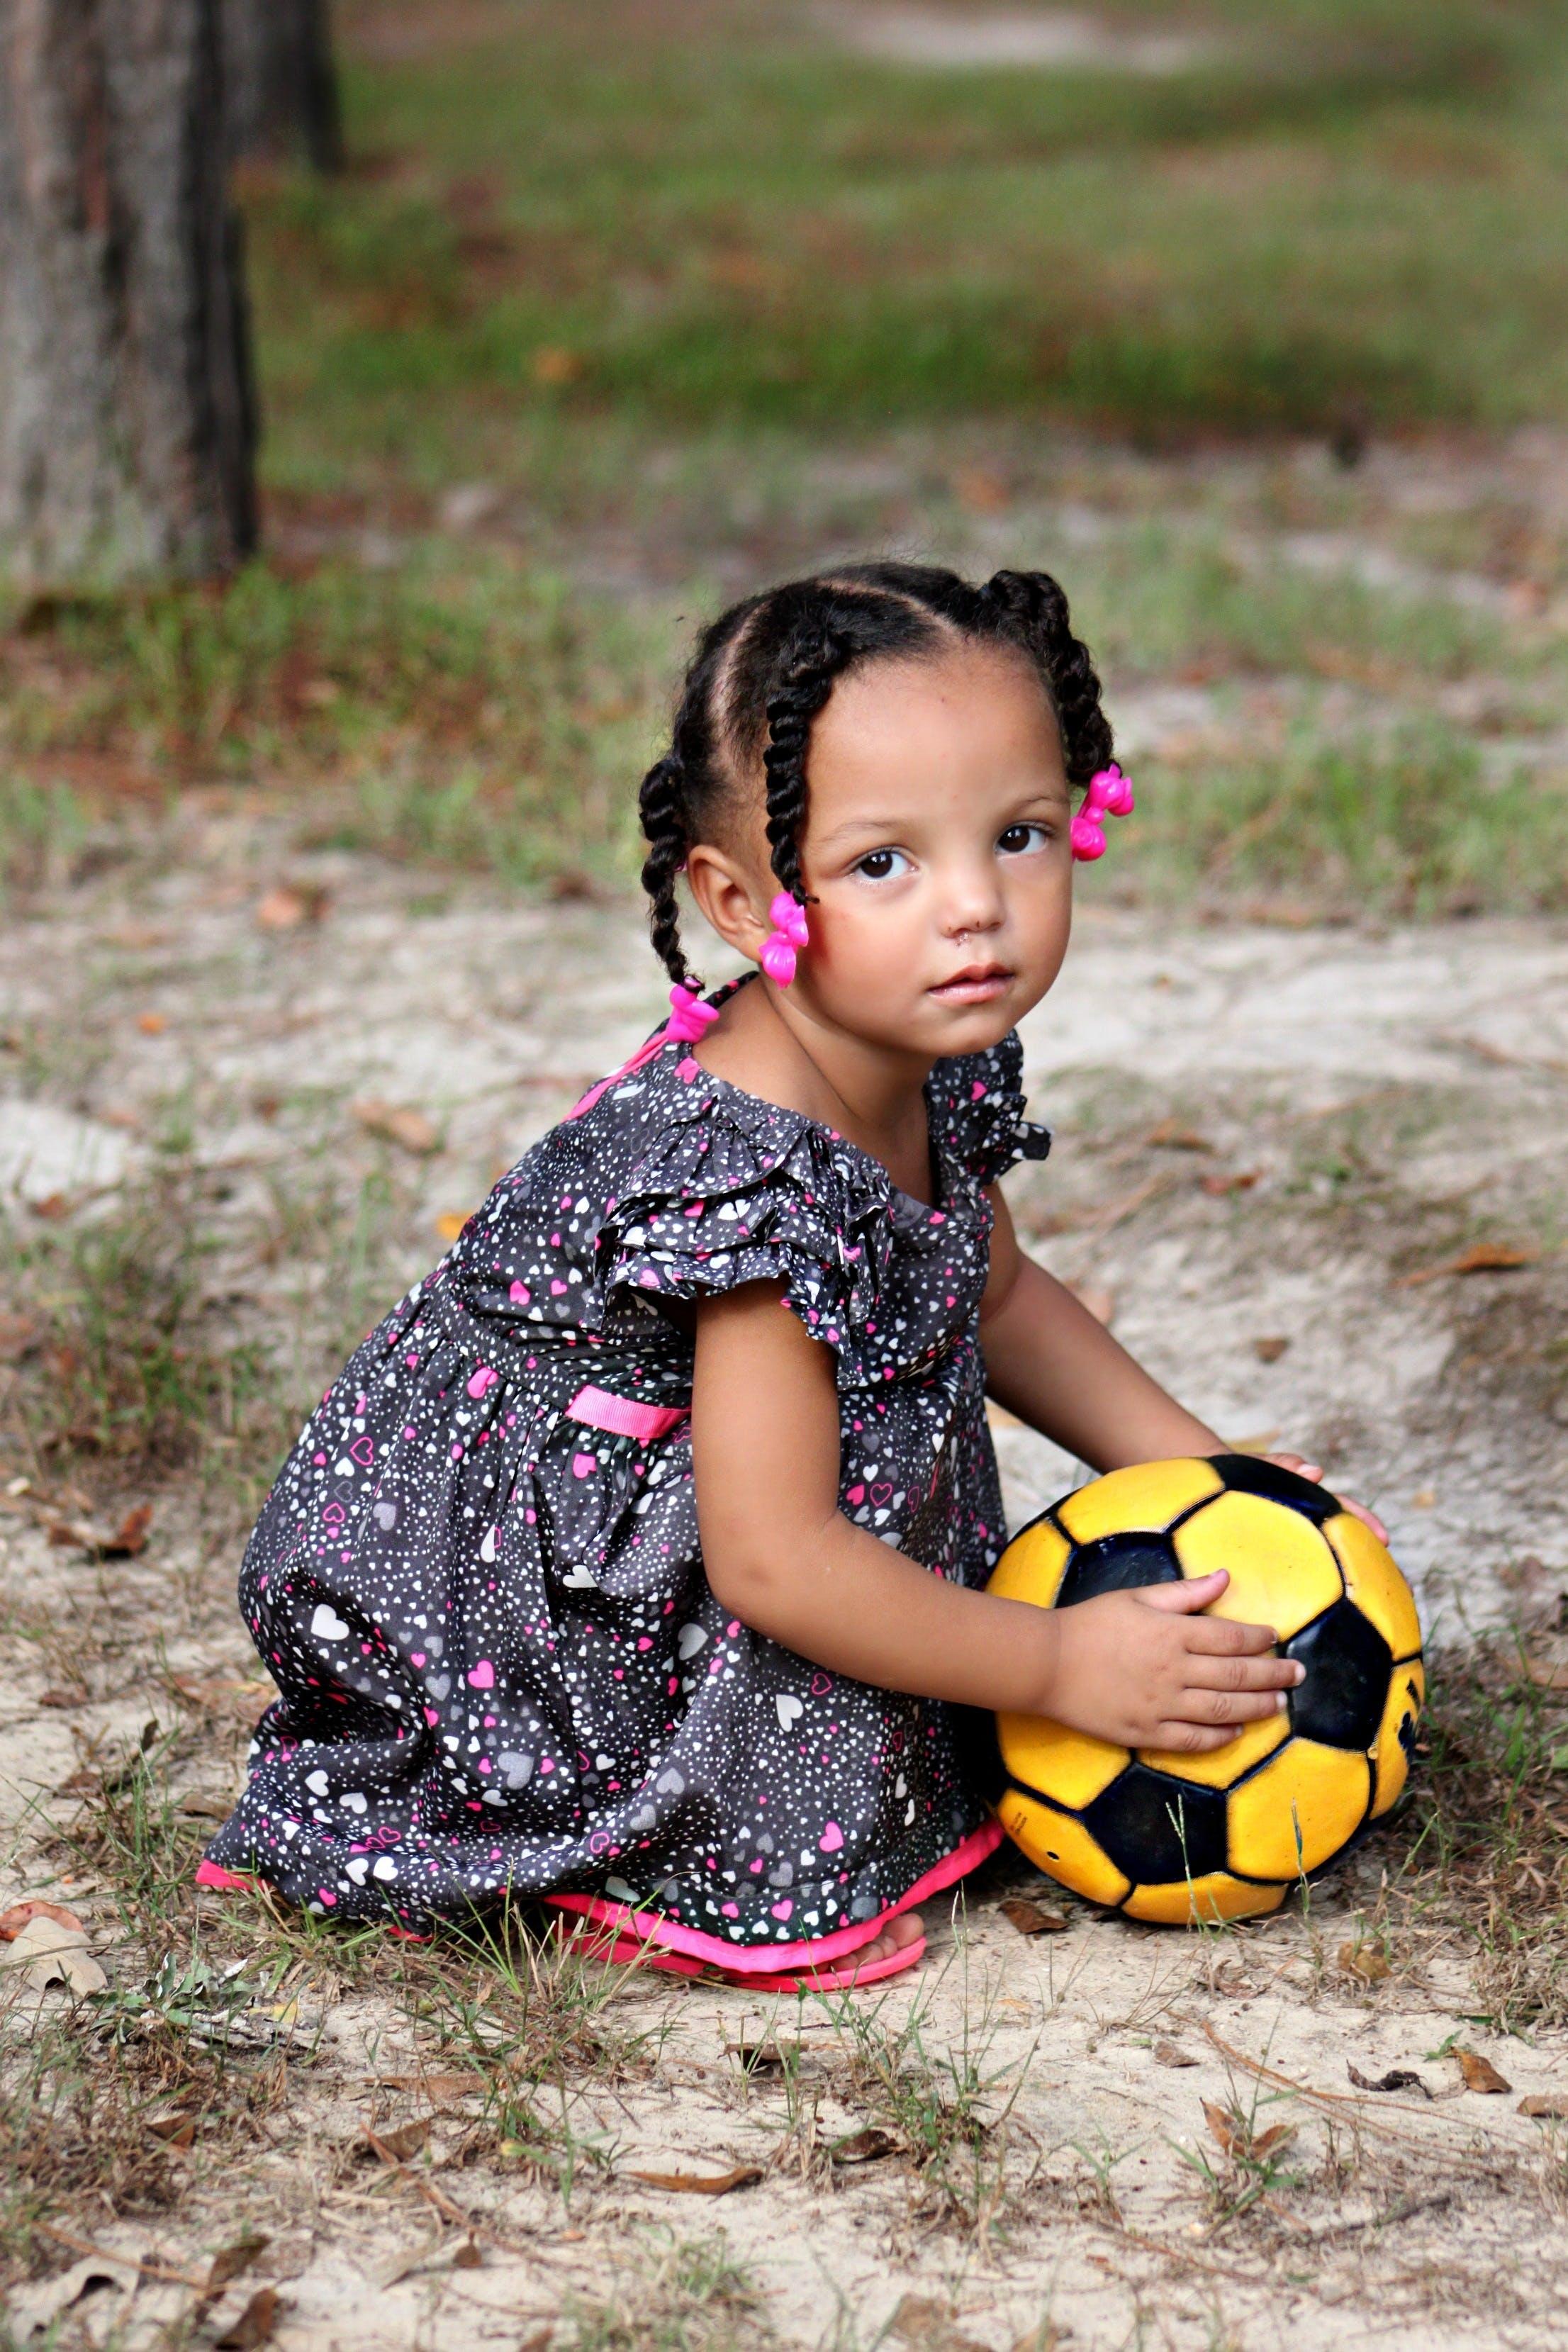 女孩, 年輕, 玩具, 玩耍 的 免費圖庫相片